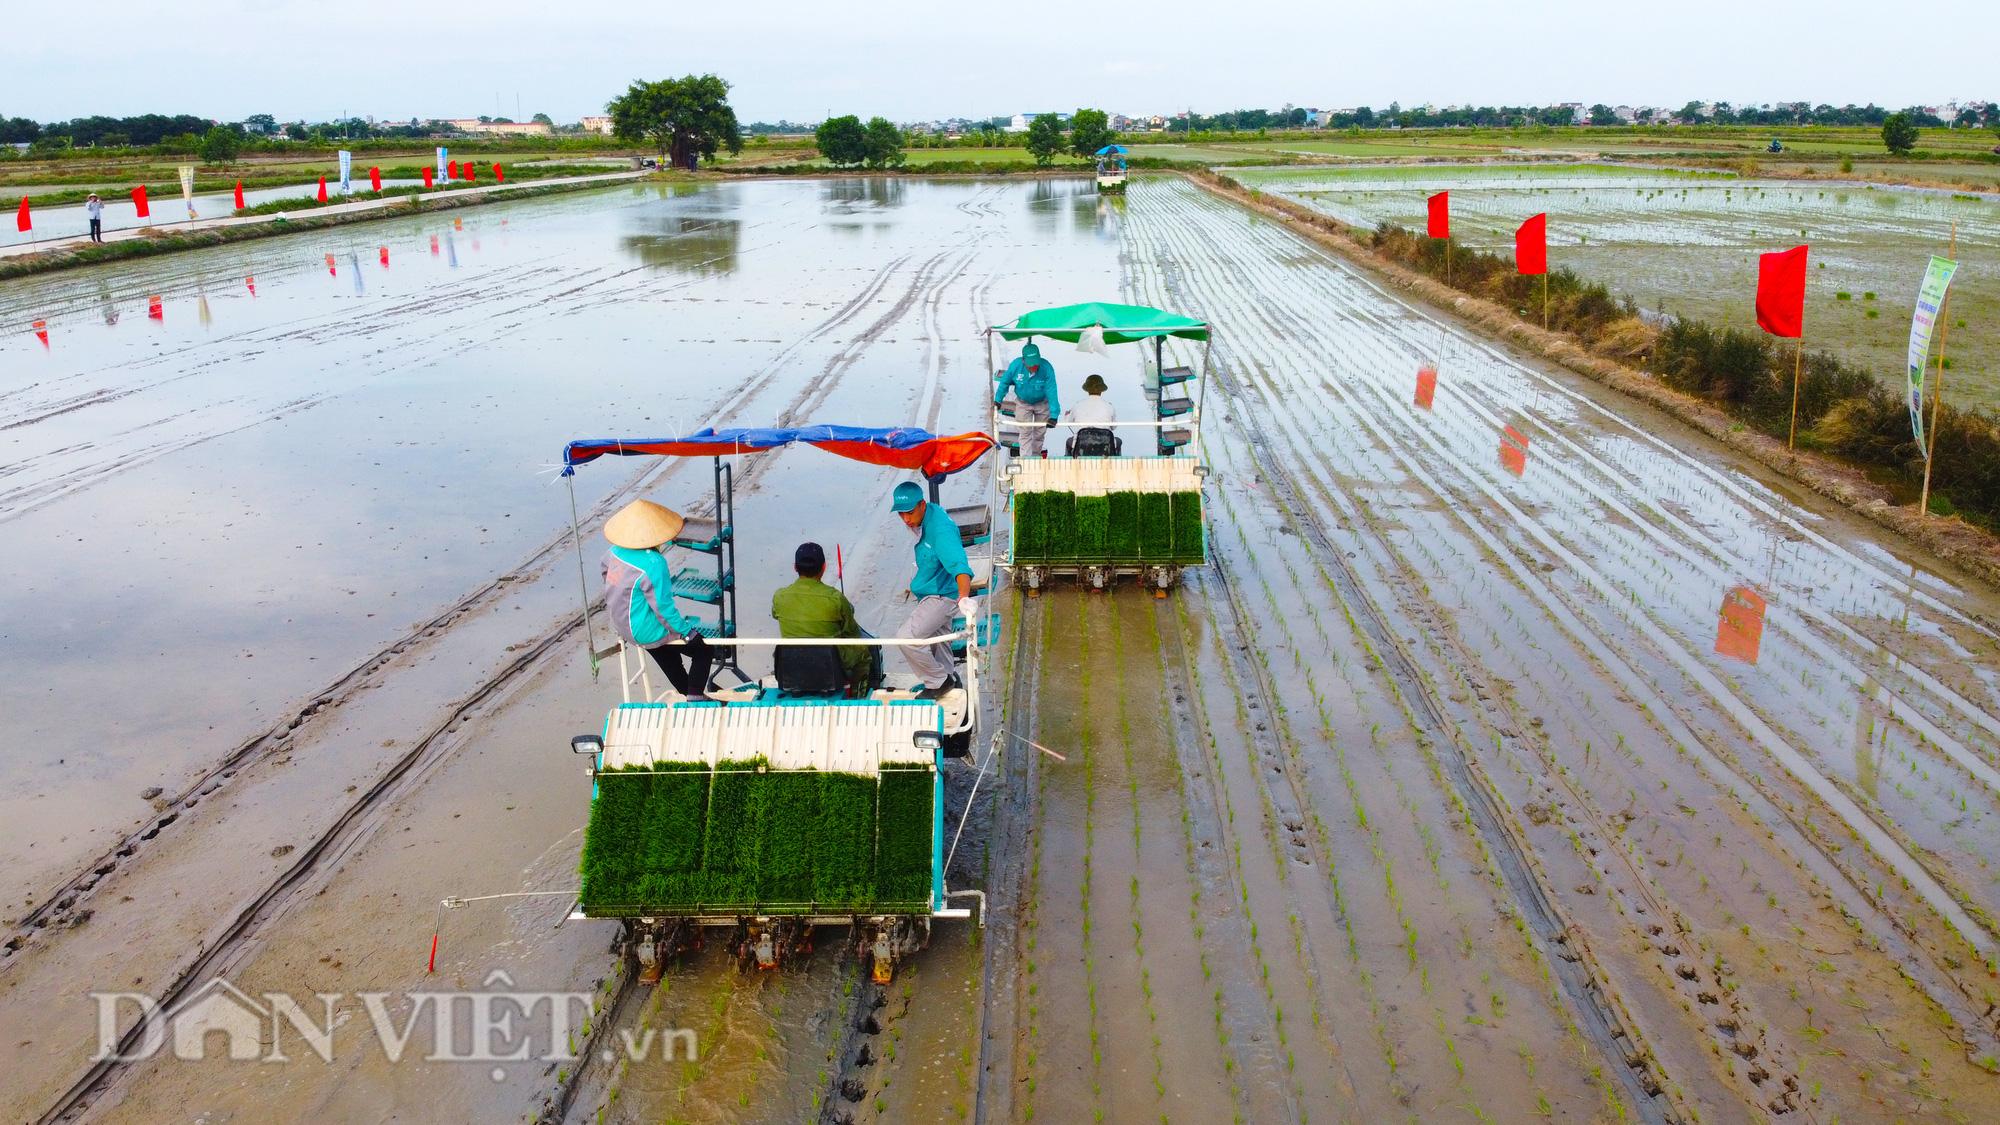 Hải Dương: Lần đầu tiên trình diễn máy cấy lúa trên đồng ruộng - Ảnh 7.